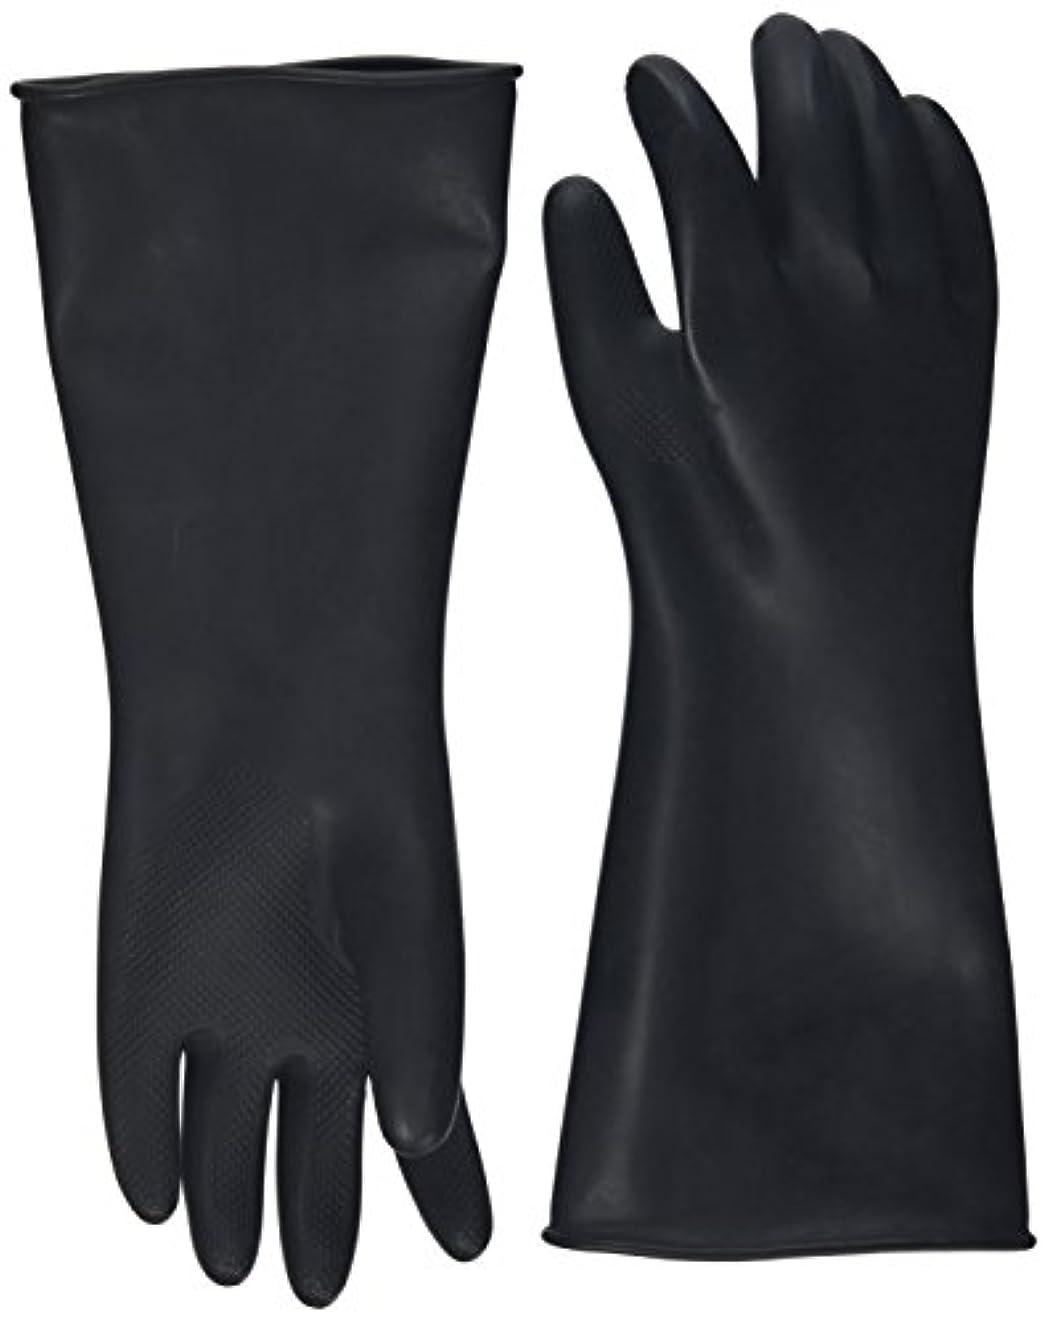 原因ライフルグループハナキゴム 工業用手袋ハナローブ No.436 滑り止め付き曲指型 ブラック